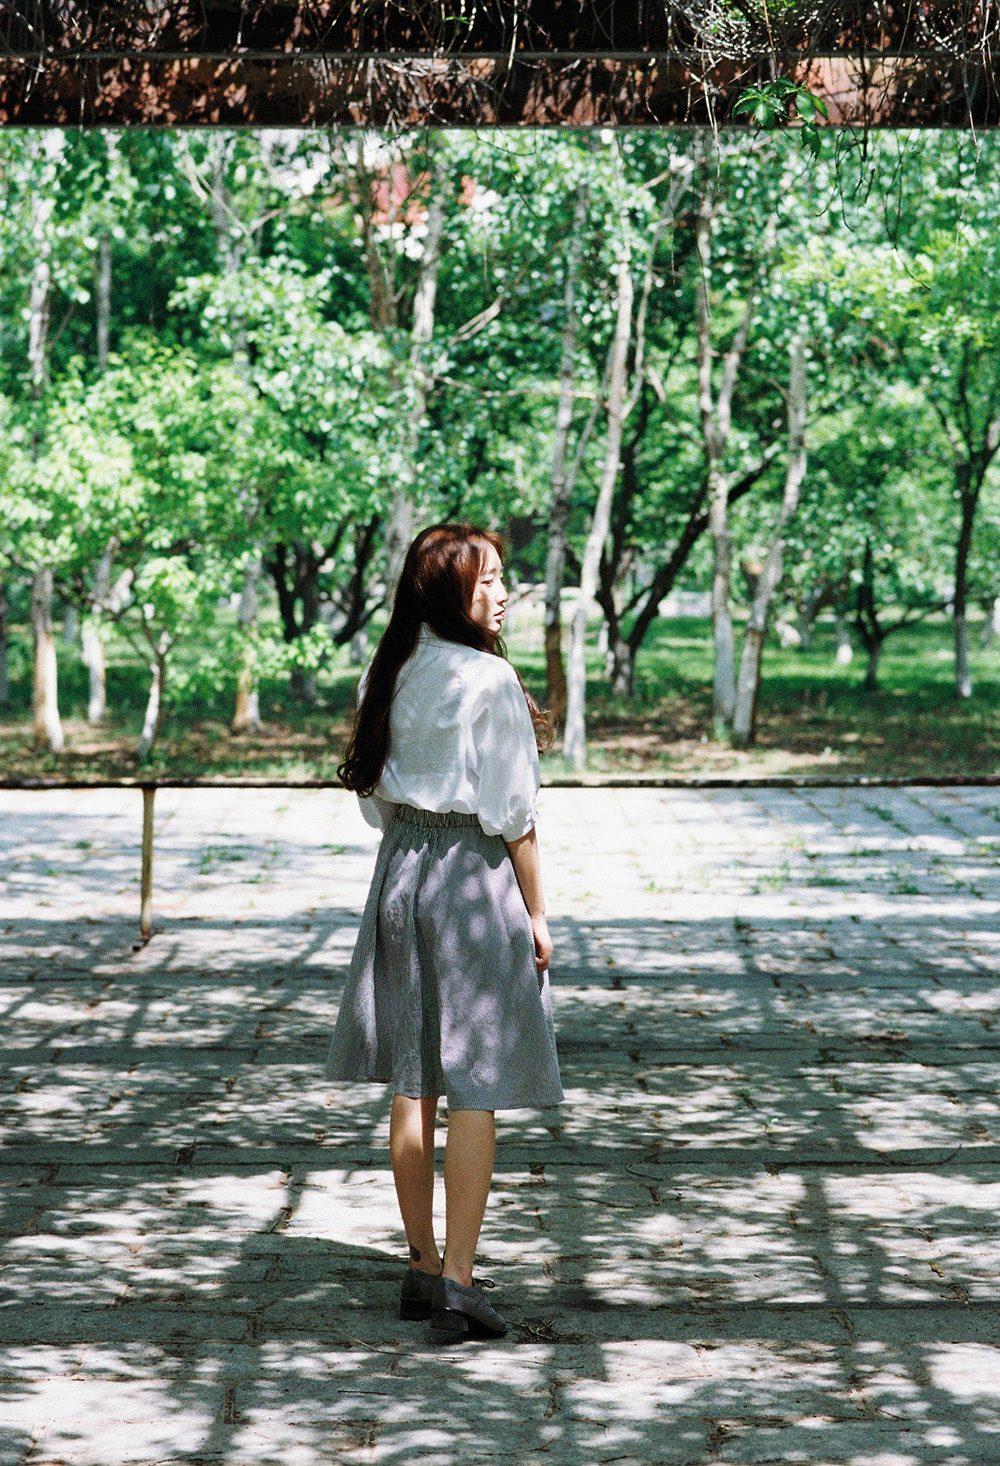 [one day] 你眼中的我  微博@Mr_MoKo桑-菲林中文-独立胶片摄影门户!